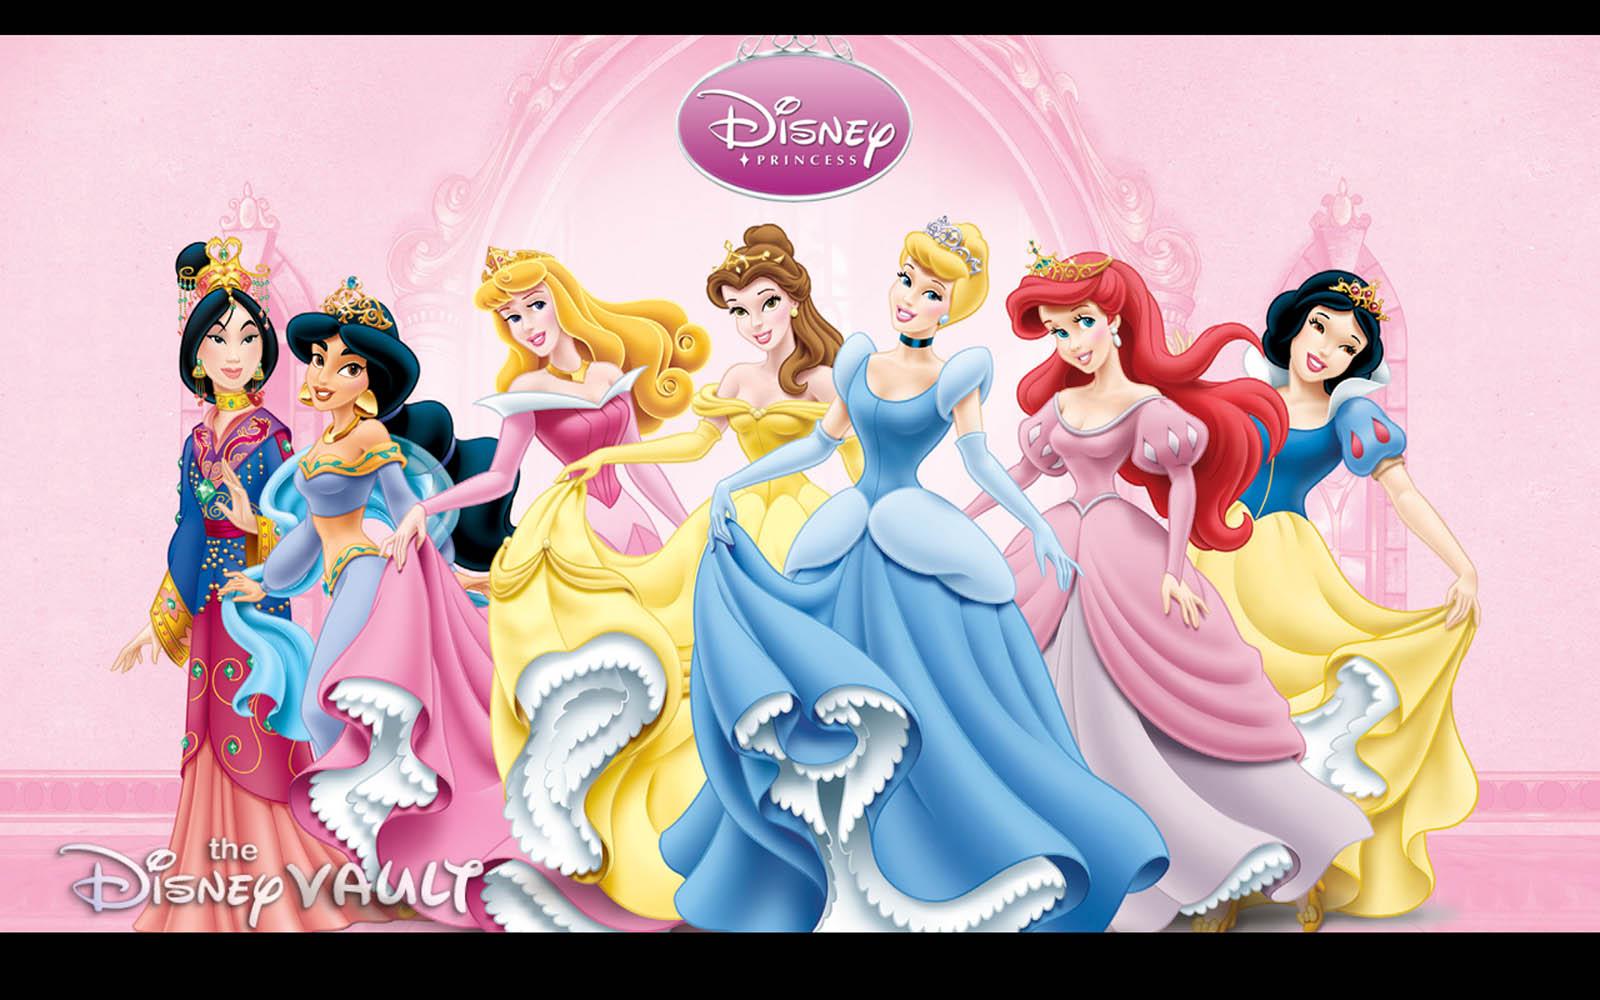 Disney Princess Wallpaperswallpapers screensavers 1600x1000